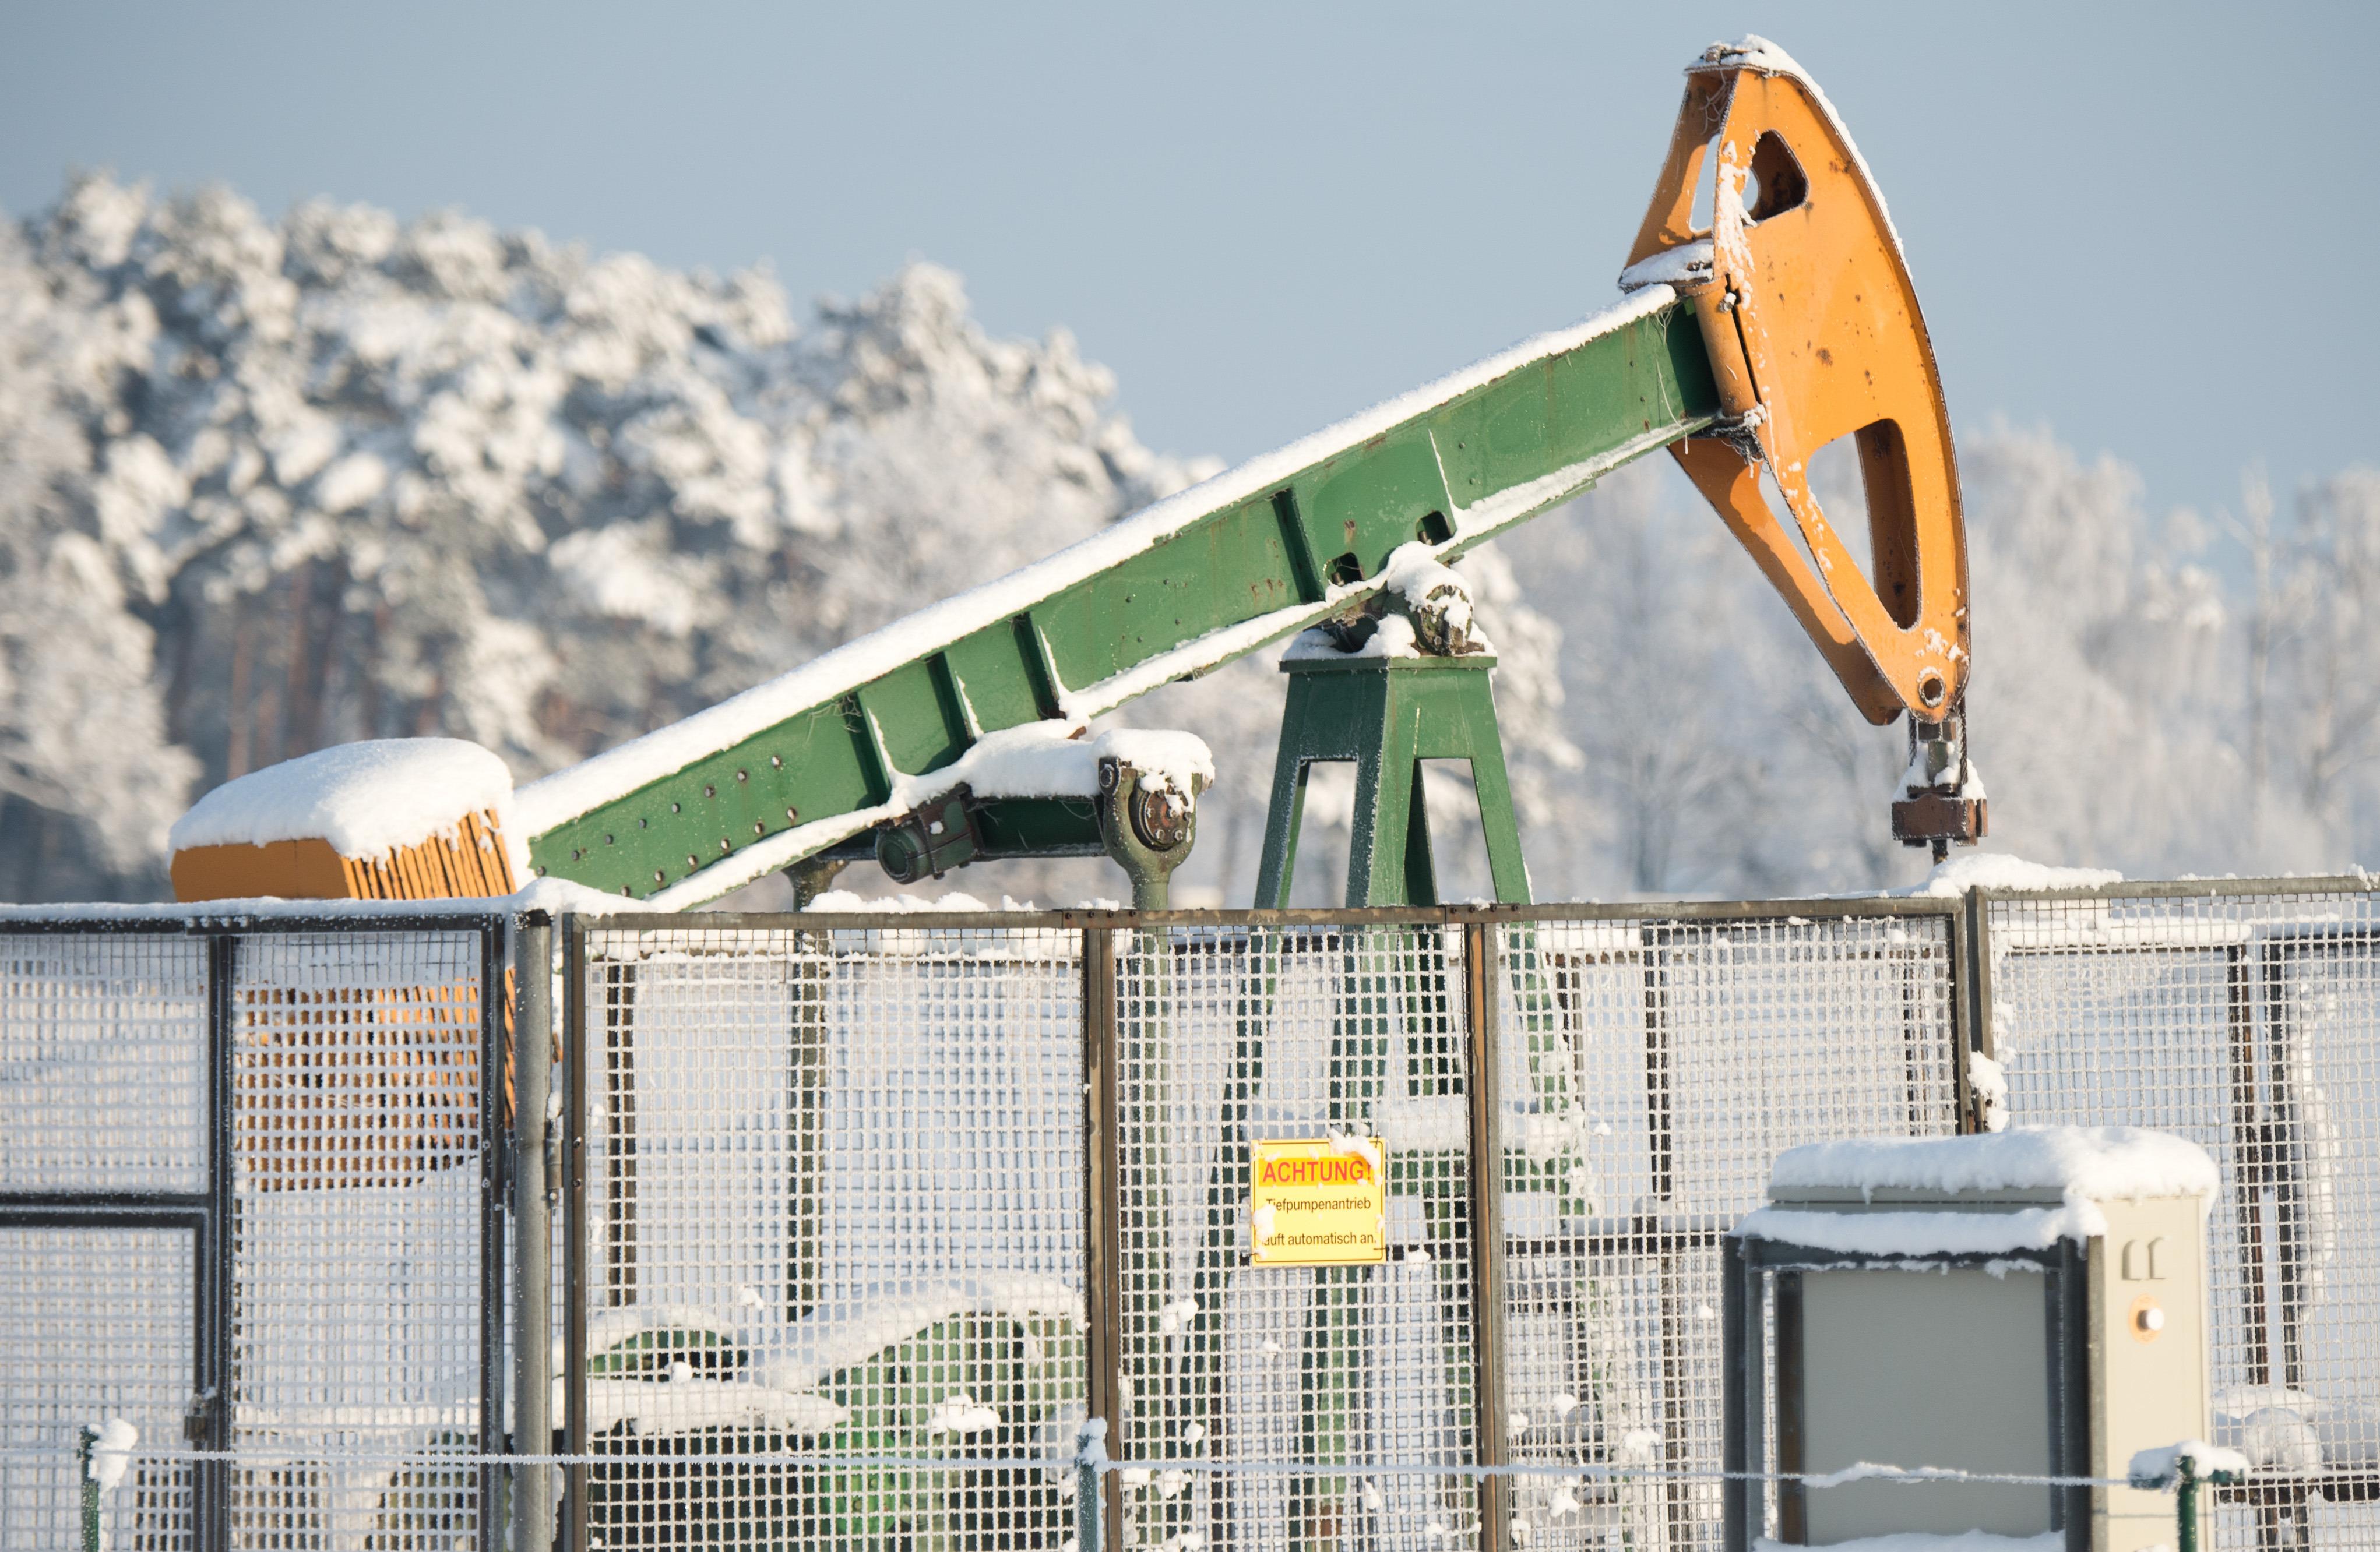 Az ExxonMobil részvényesei a klímaváltozással való szembenézésre kényszerítették a vállalat vezetését